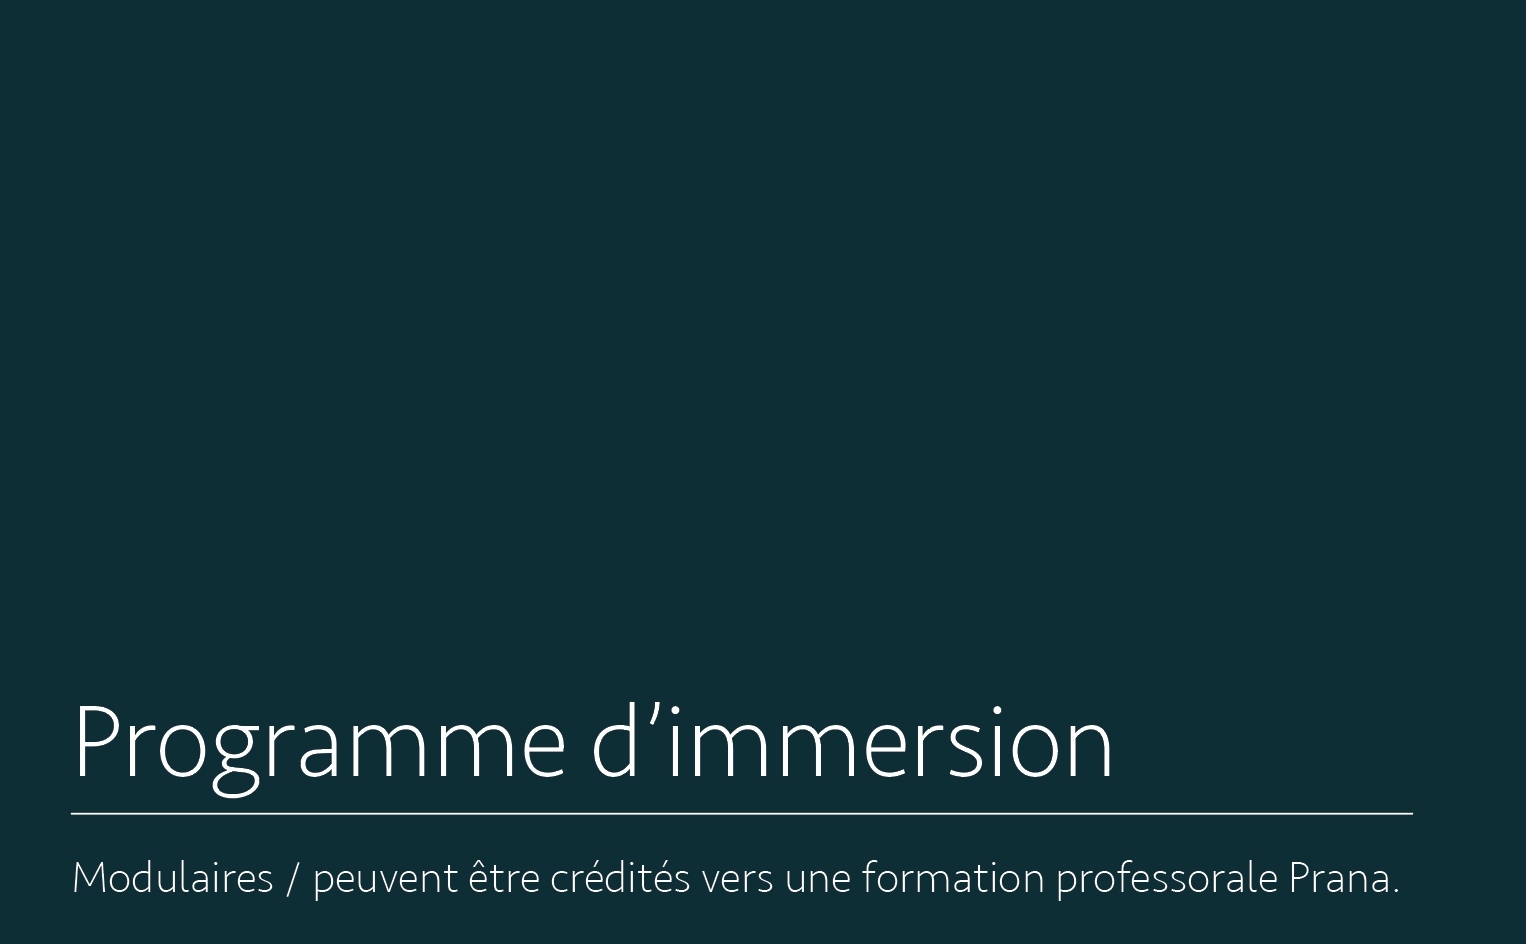 Programme d'immersion - formule modulaire - Pour complémenter / enrichir votre pratique